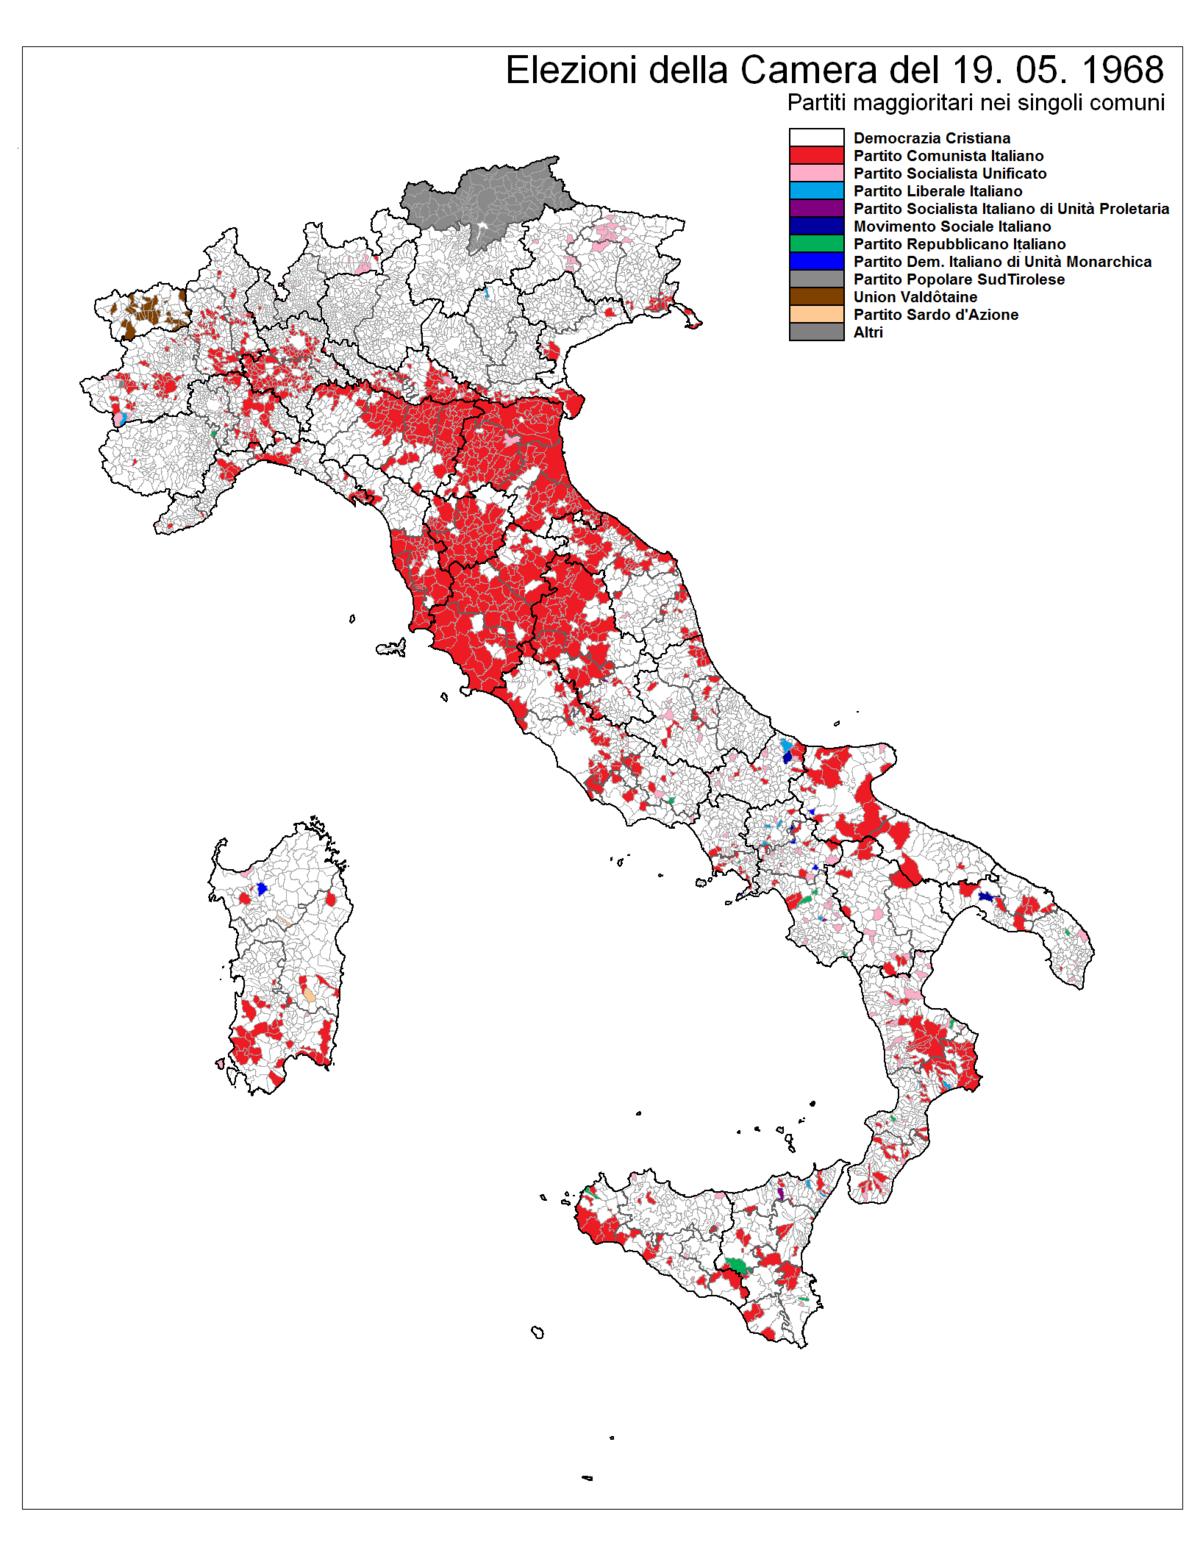 Elezioni politiche italiane del 1968 wikipedia for Il parlamento italiano wikipedia